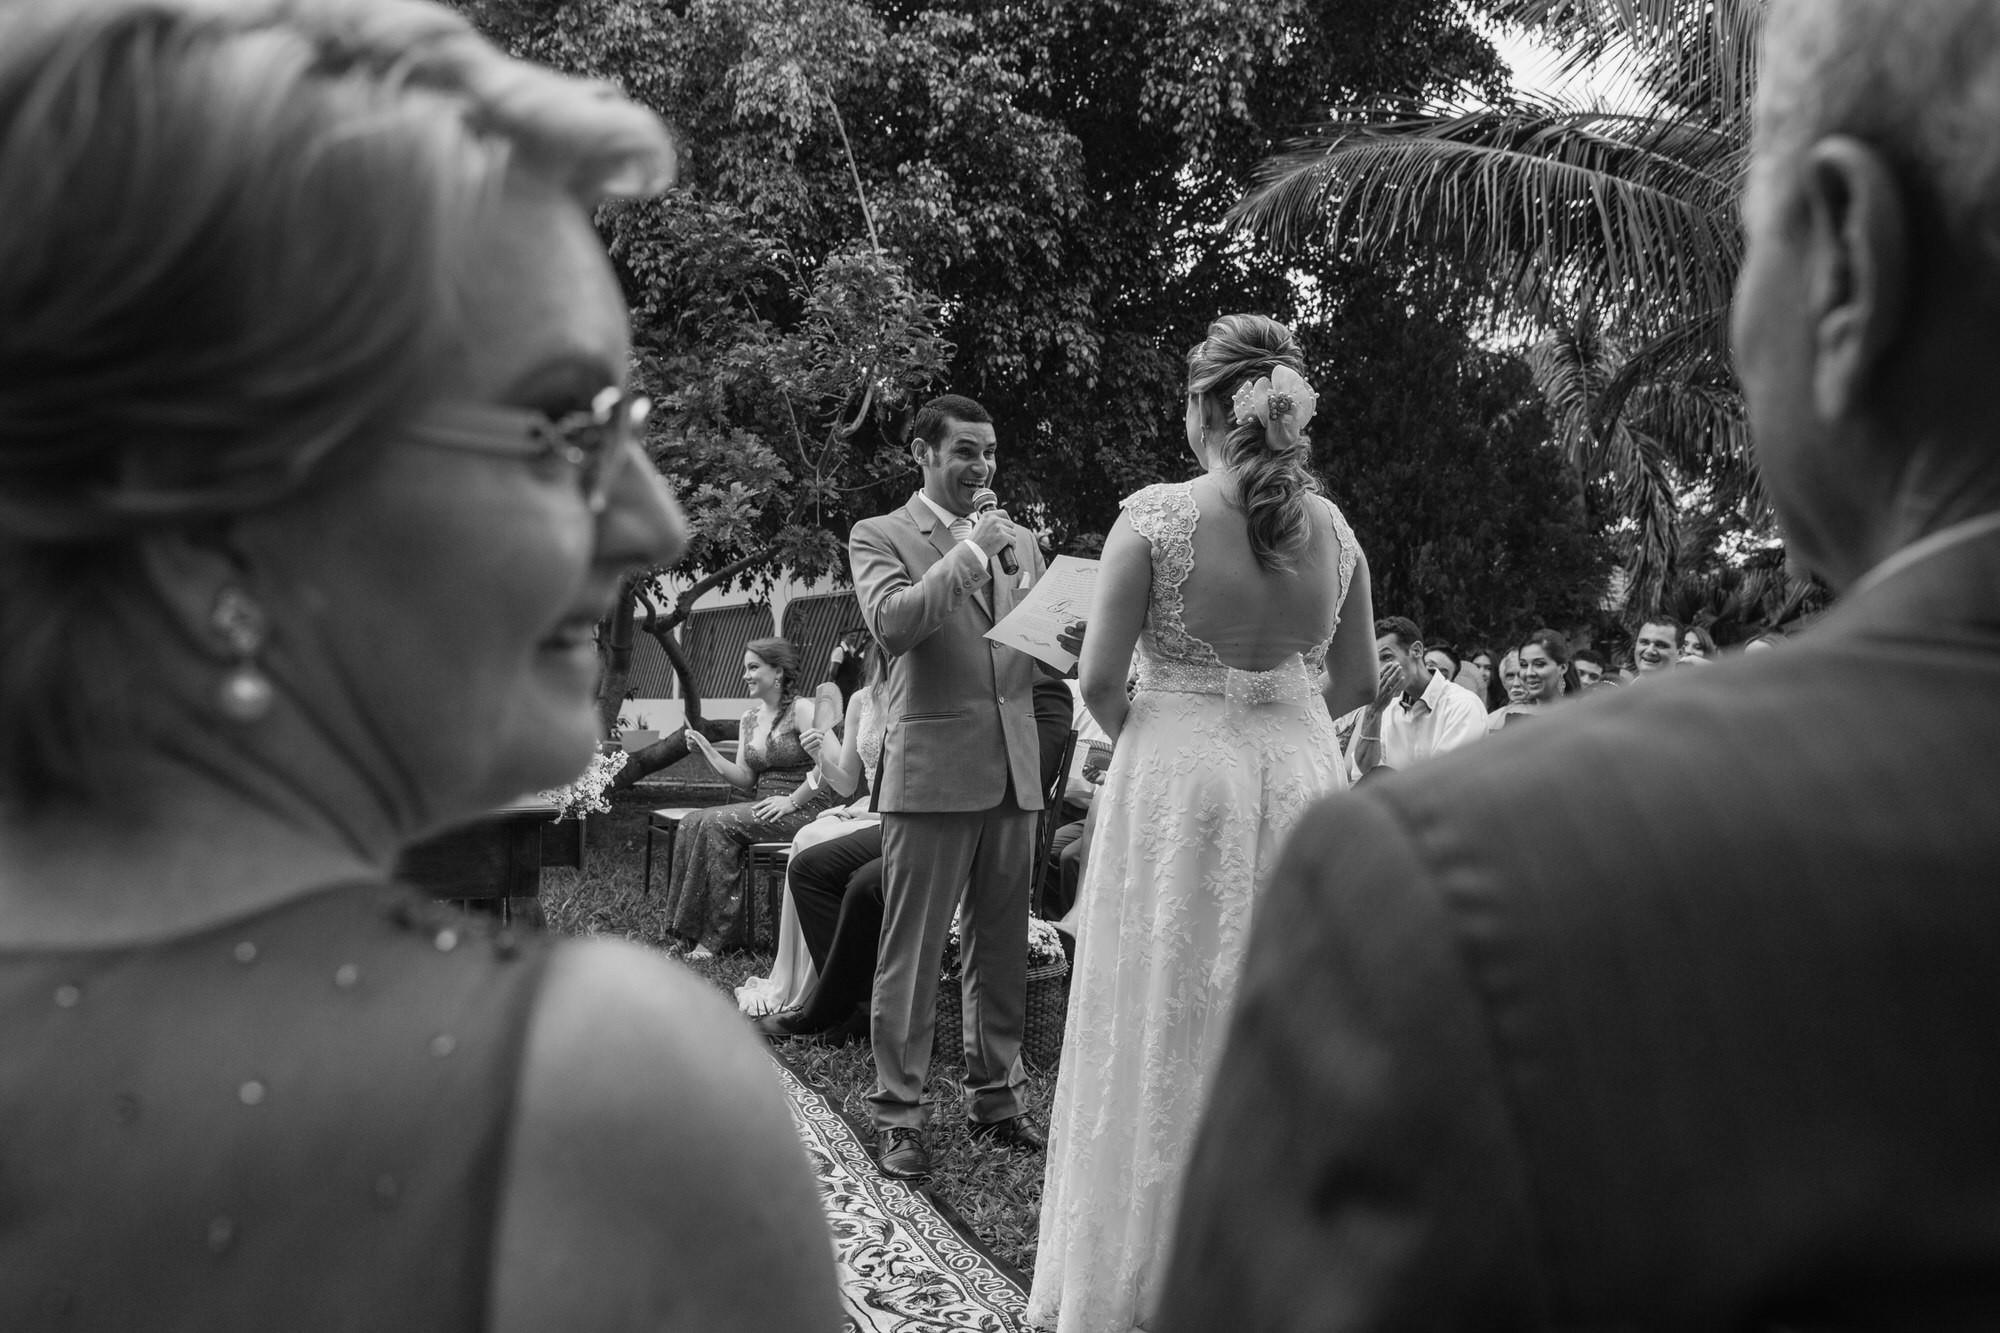 Fabio e Gisele - Casamento em Mundo Novo - MS por Lorran Souza e Léia Sotile - fotografo de casamentos - 00020